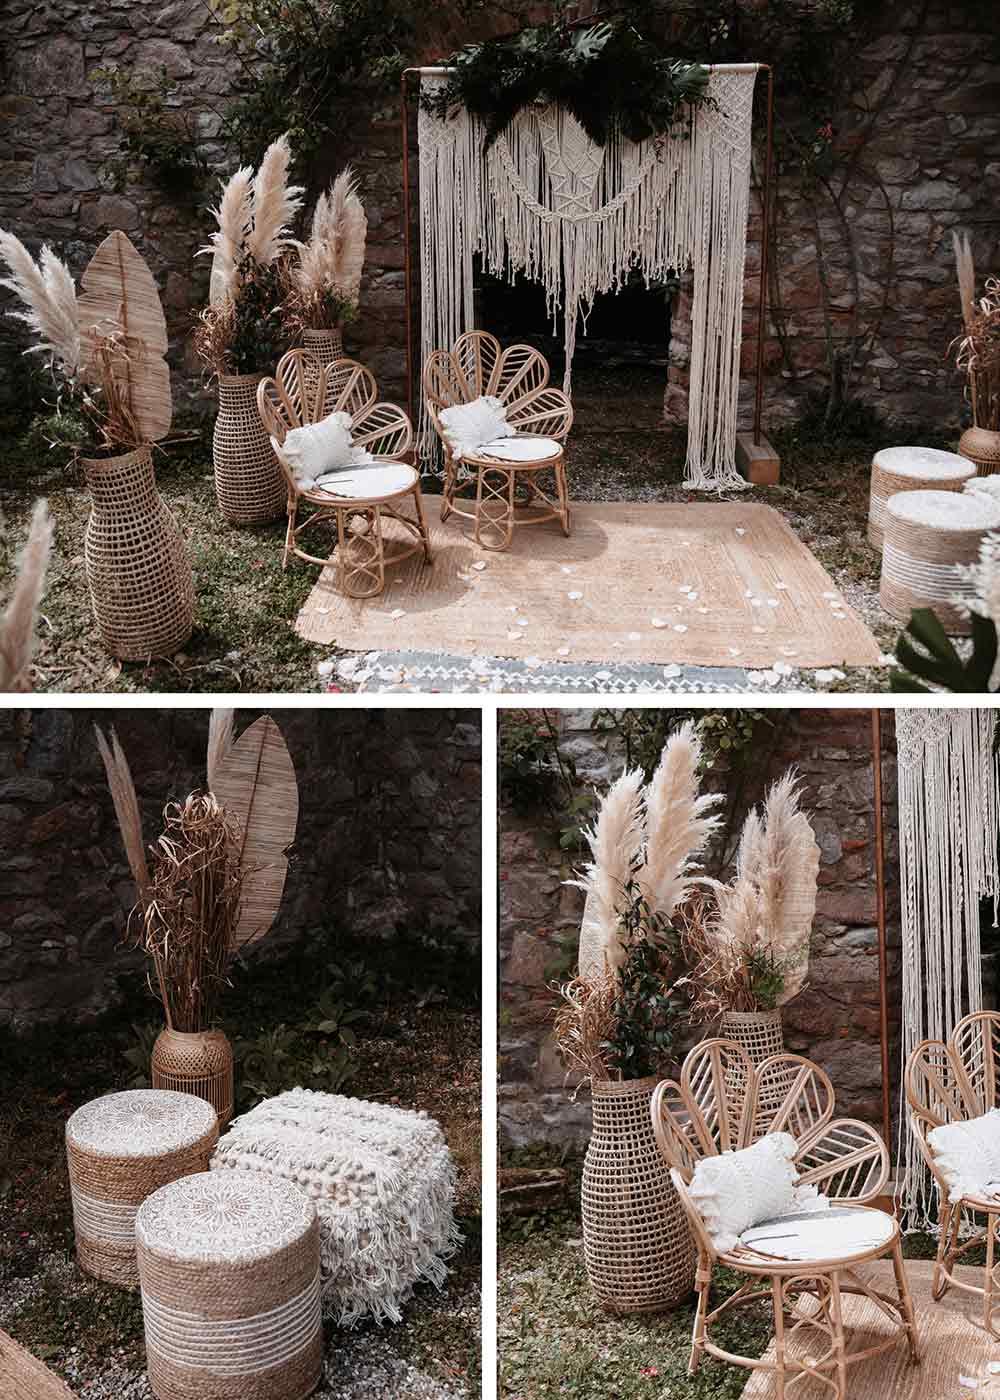 Die Boho Elemente ziehen sich durch die gesamte Dekoration der Hochzeit. Geflochtene Stühle für die Trauung, Pampasgras in hohen Vasen, ein Traubogen mit Makramee verziert und ein geflochtener Teppich geben ein harmonisches Gesamtbild.